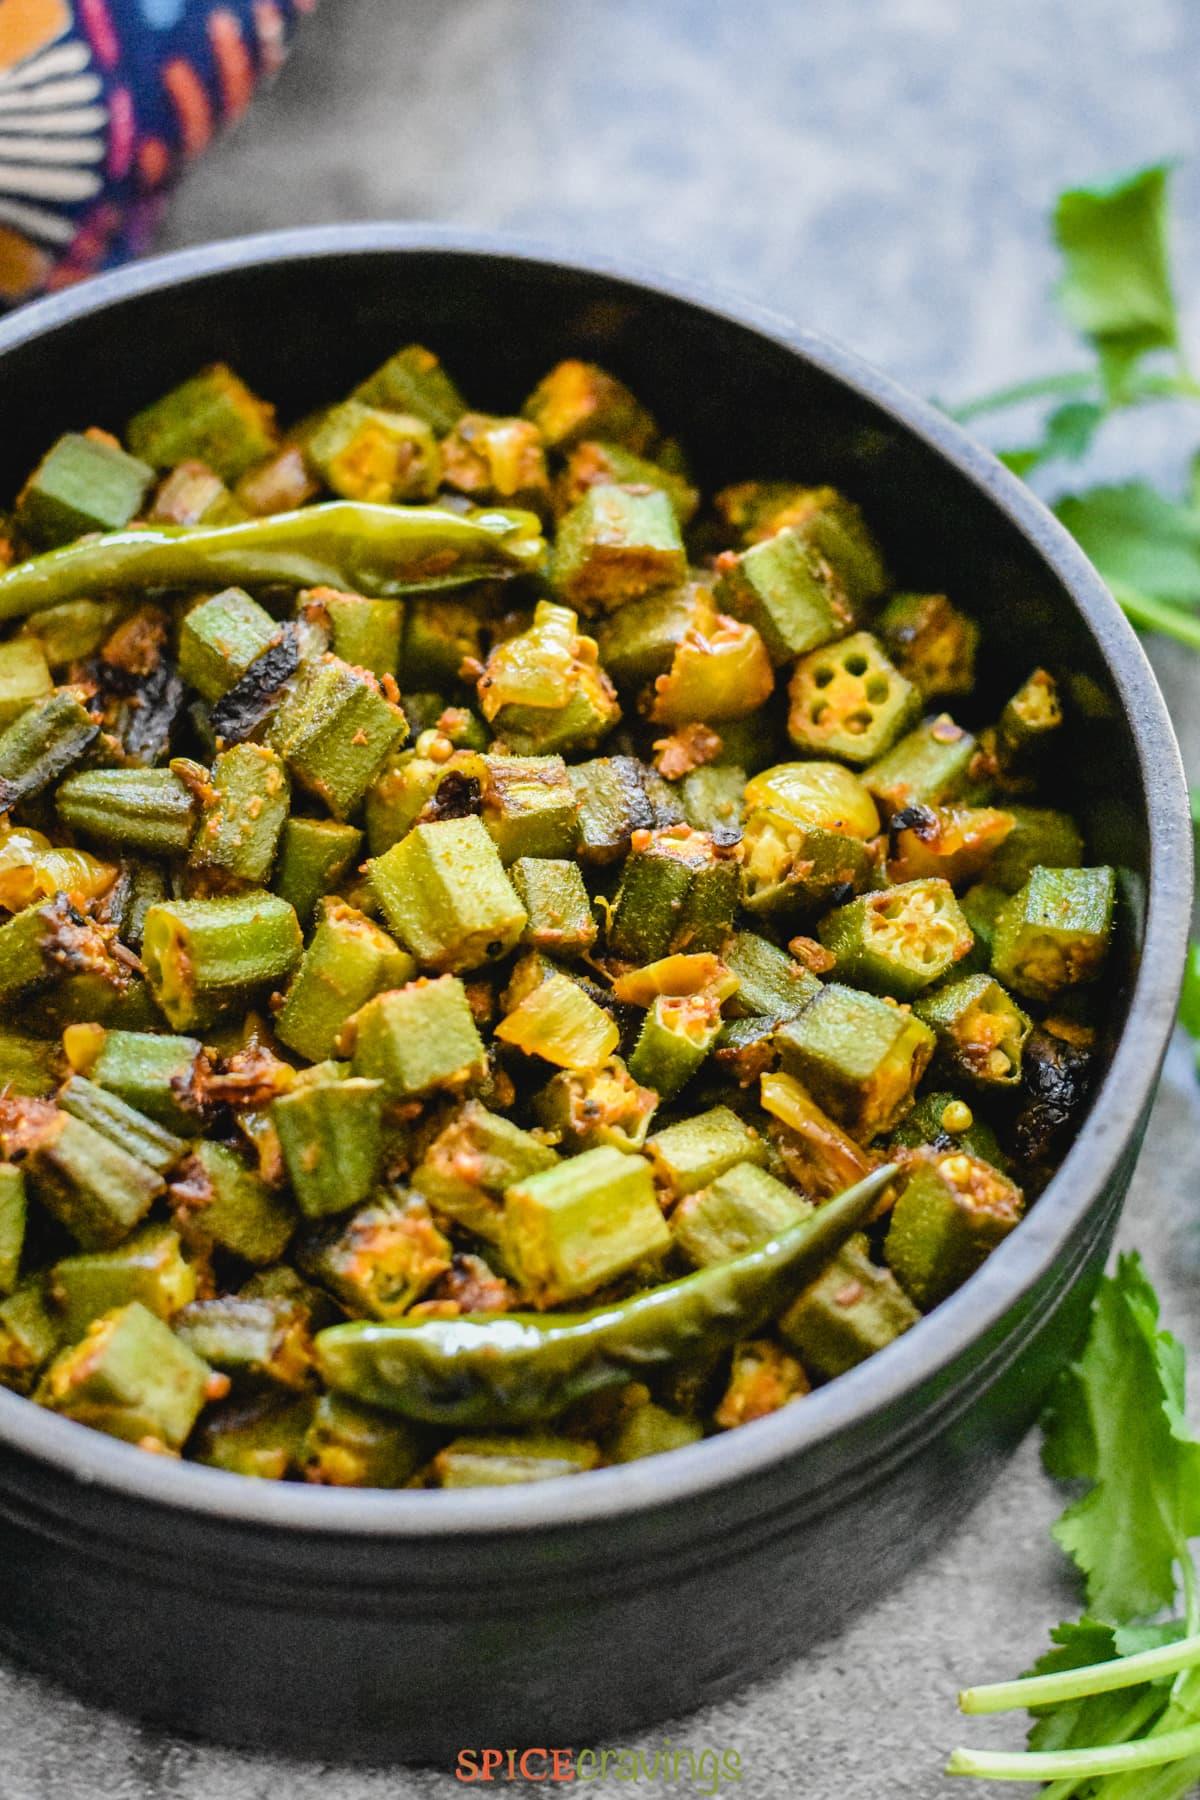 bhindi masala recipe in black bowl